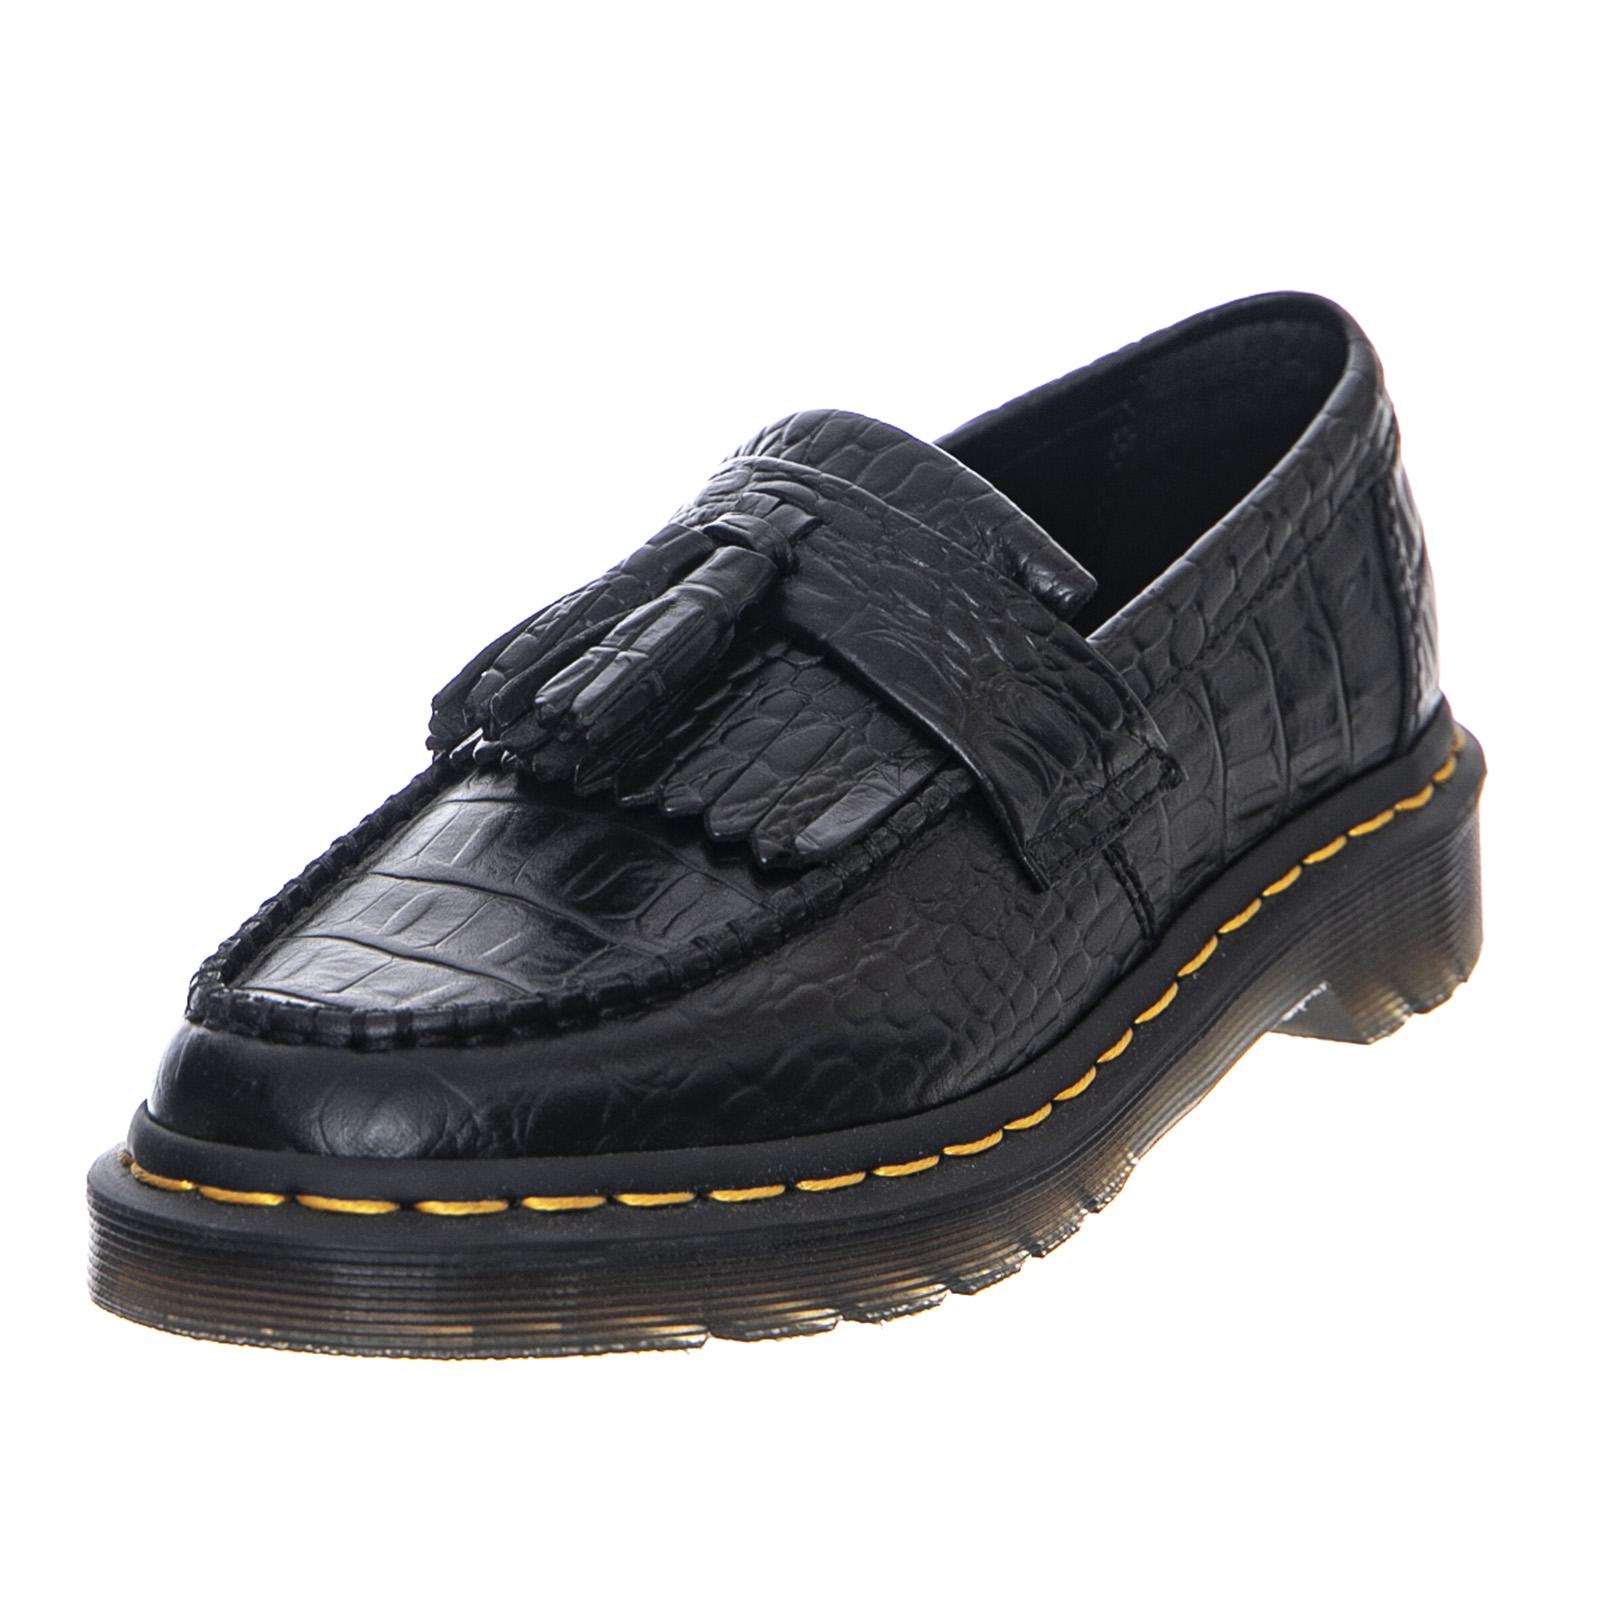 mignon pas cher nouveau style de se connecter Details about Dr.Martens Adrian Croc - Black - Shoes Low Women Black